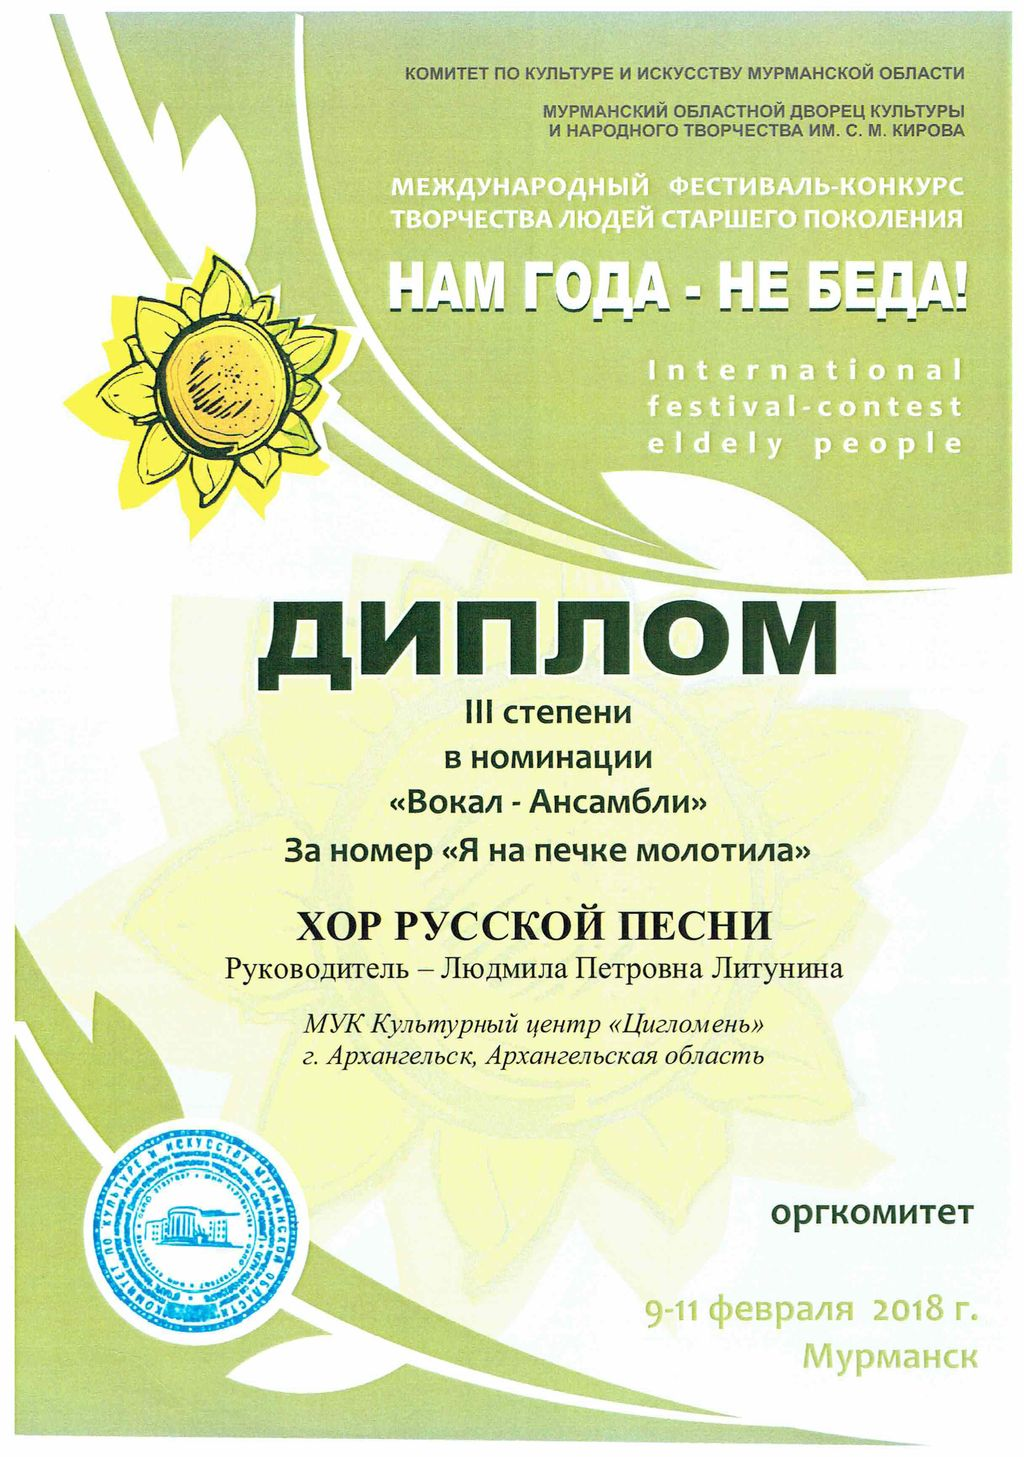 Диплом 3 степени Хор русской песни Международный фестиваль-конкурс творчества Нам года - не беда